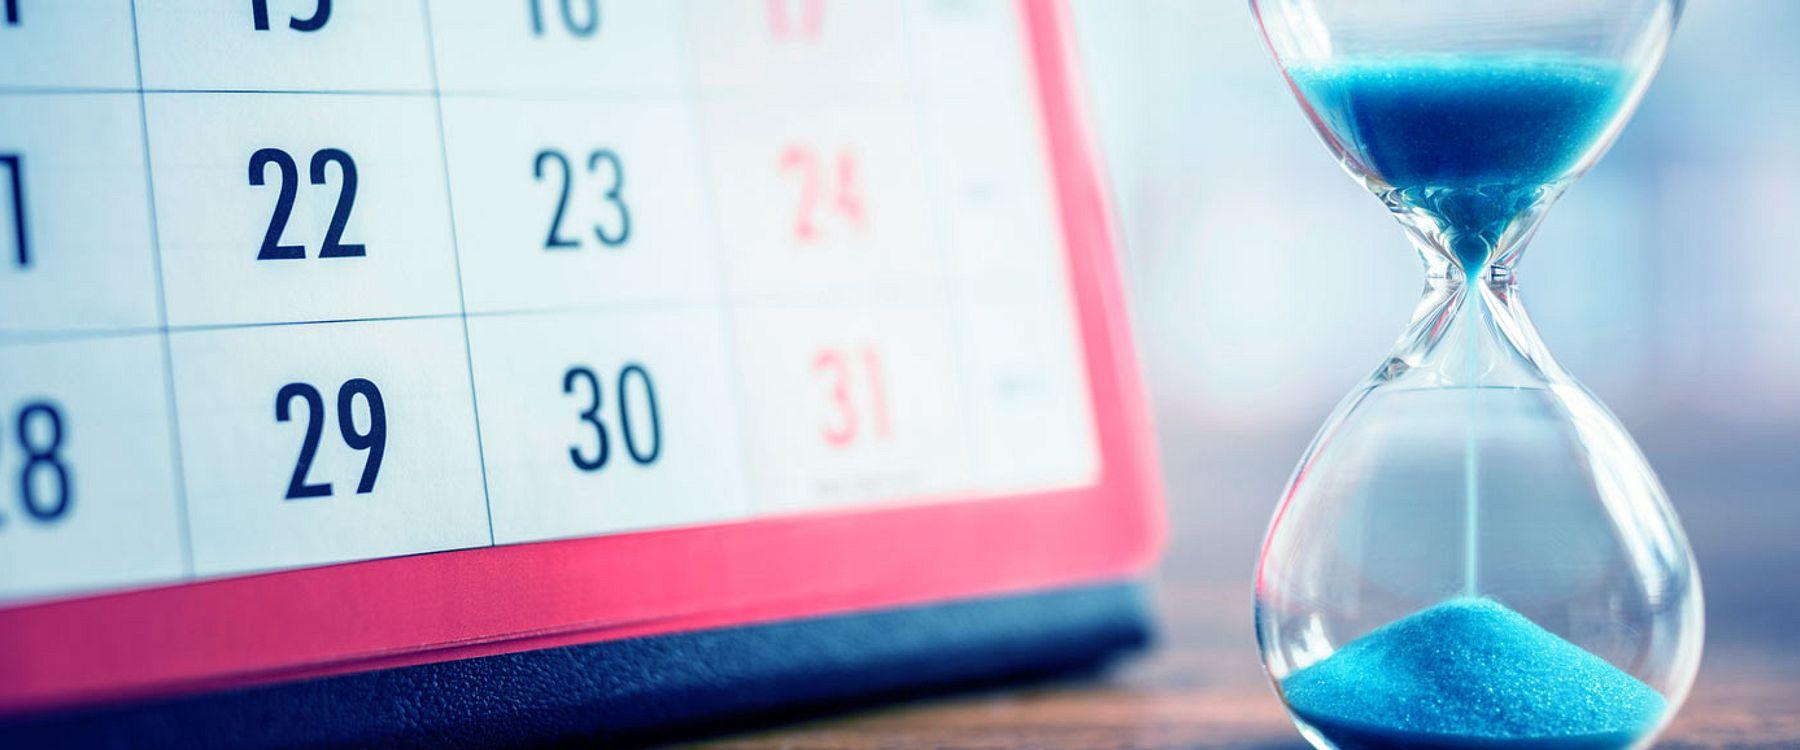 hourglass next to a calendar